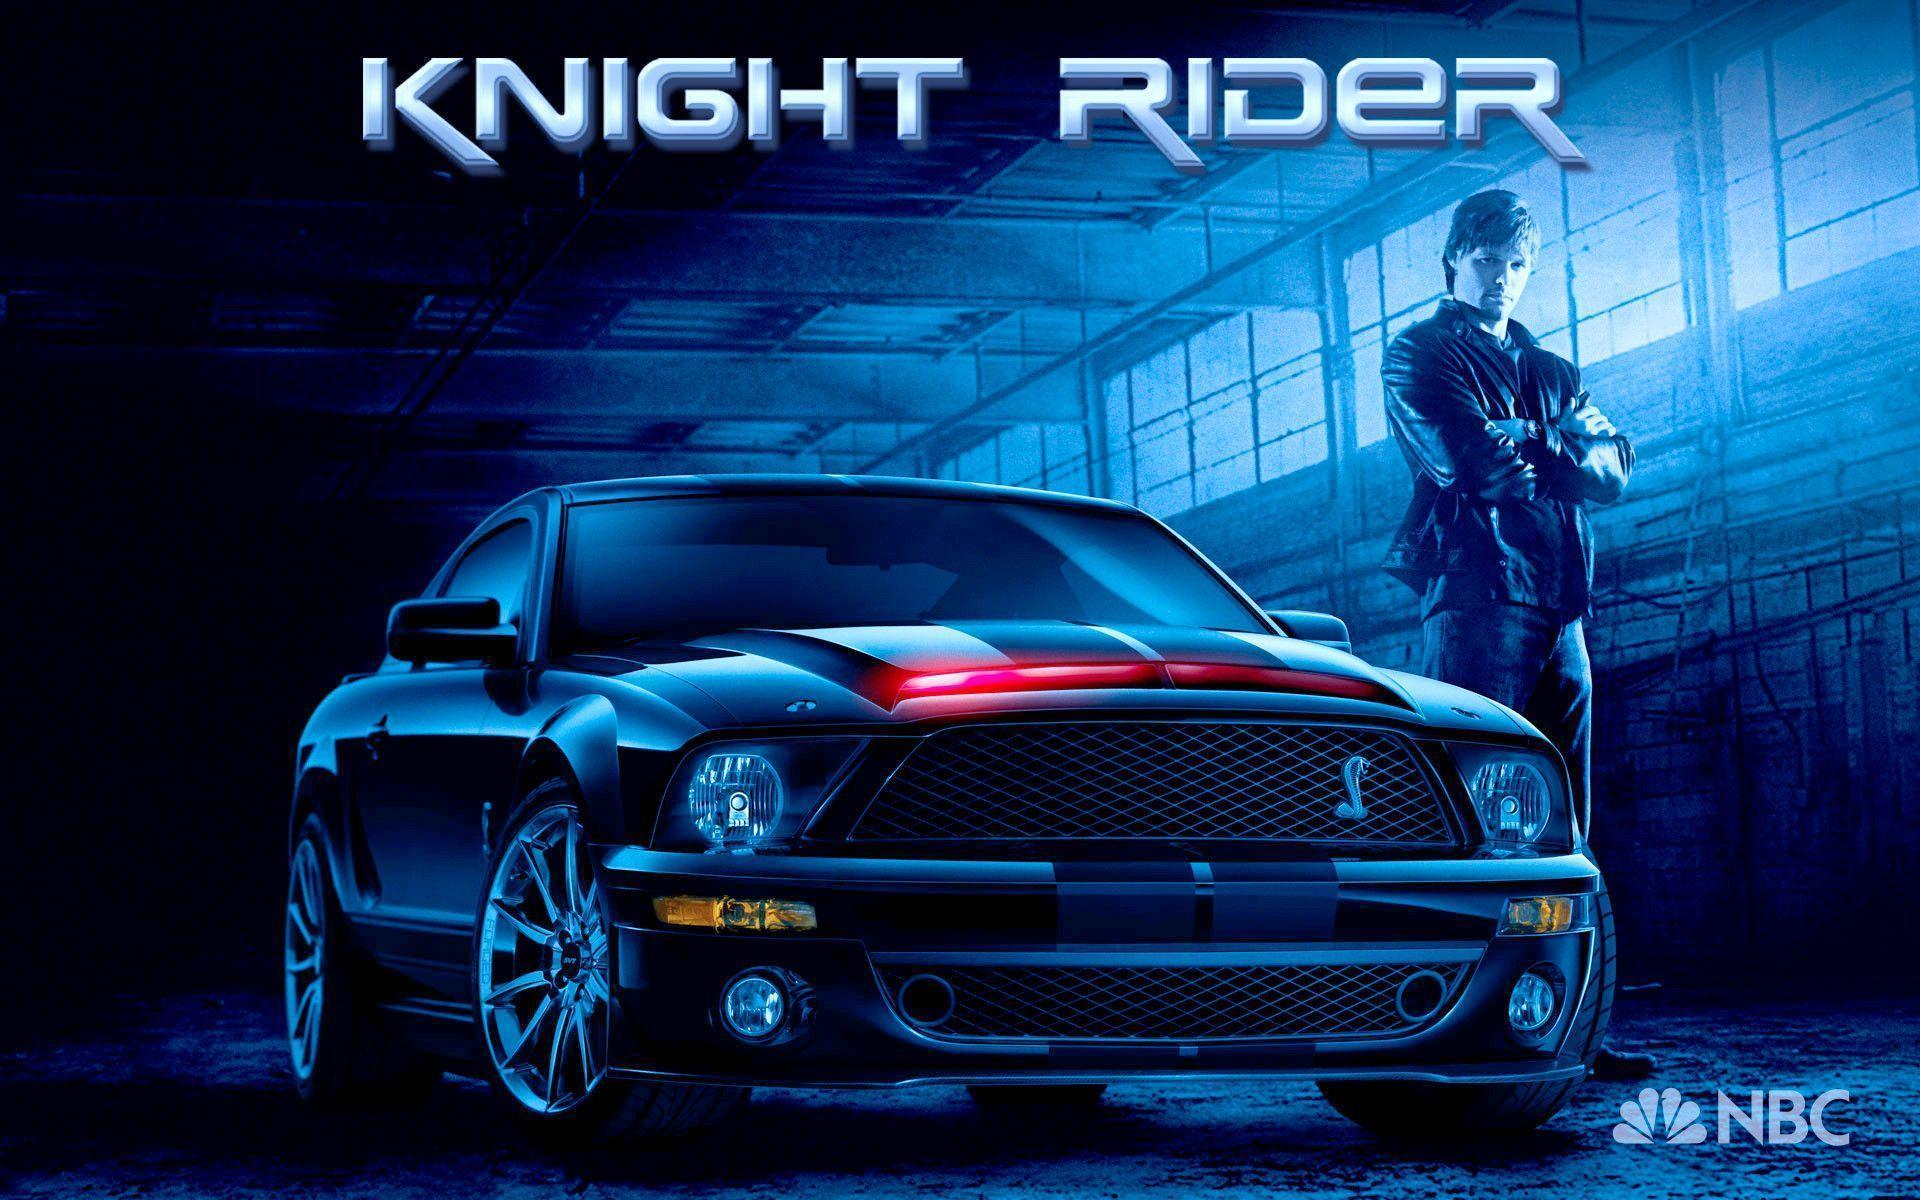 Knight Rider Kitt Wallpapers 1920x1200